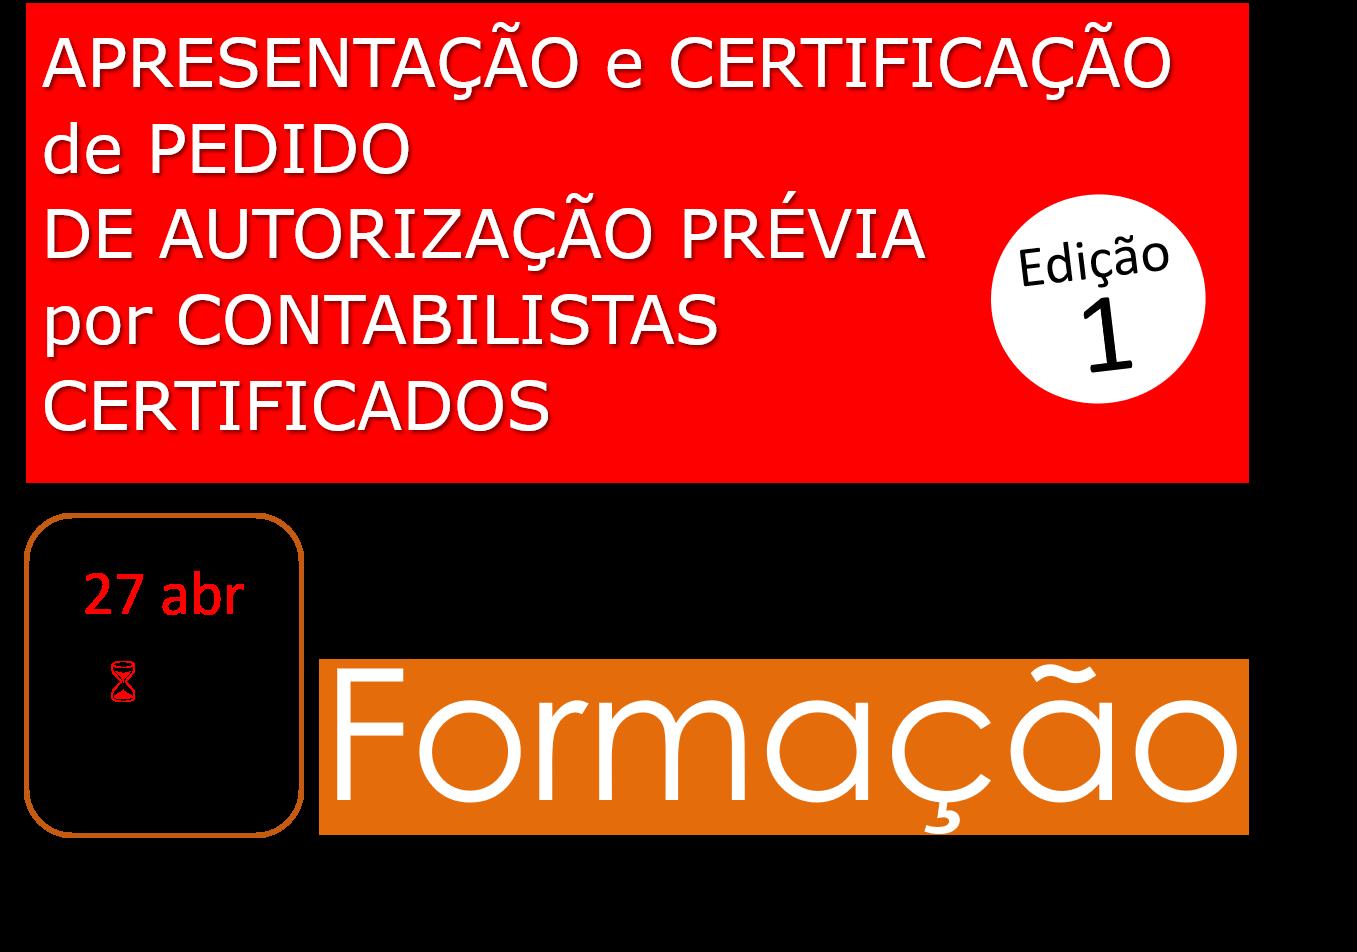 APRESENTAÇÃO e CERTIFICAÇÃO de PEDIDO DE AUTORIZAÇÃO PRÉVIA por CONTABILISTAS CERTIFICADOS - 27/abr